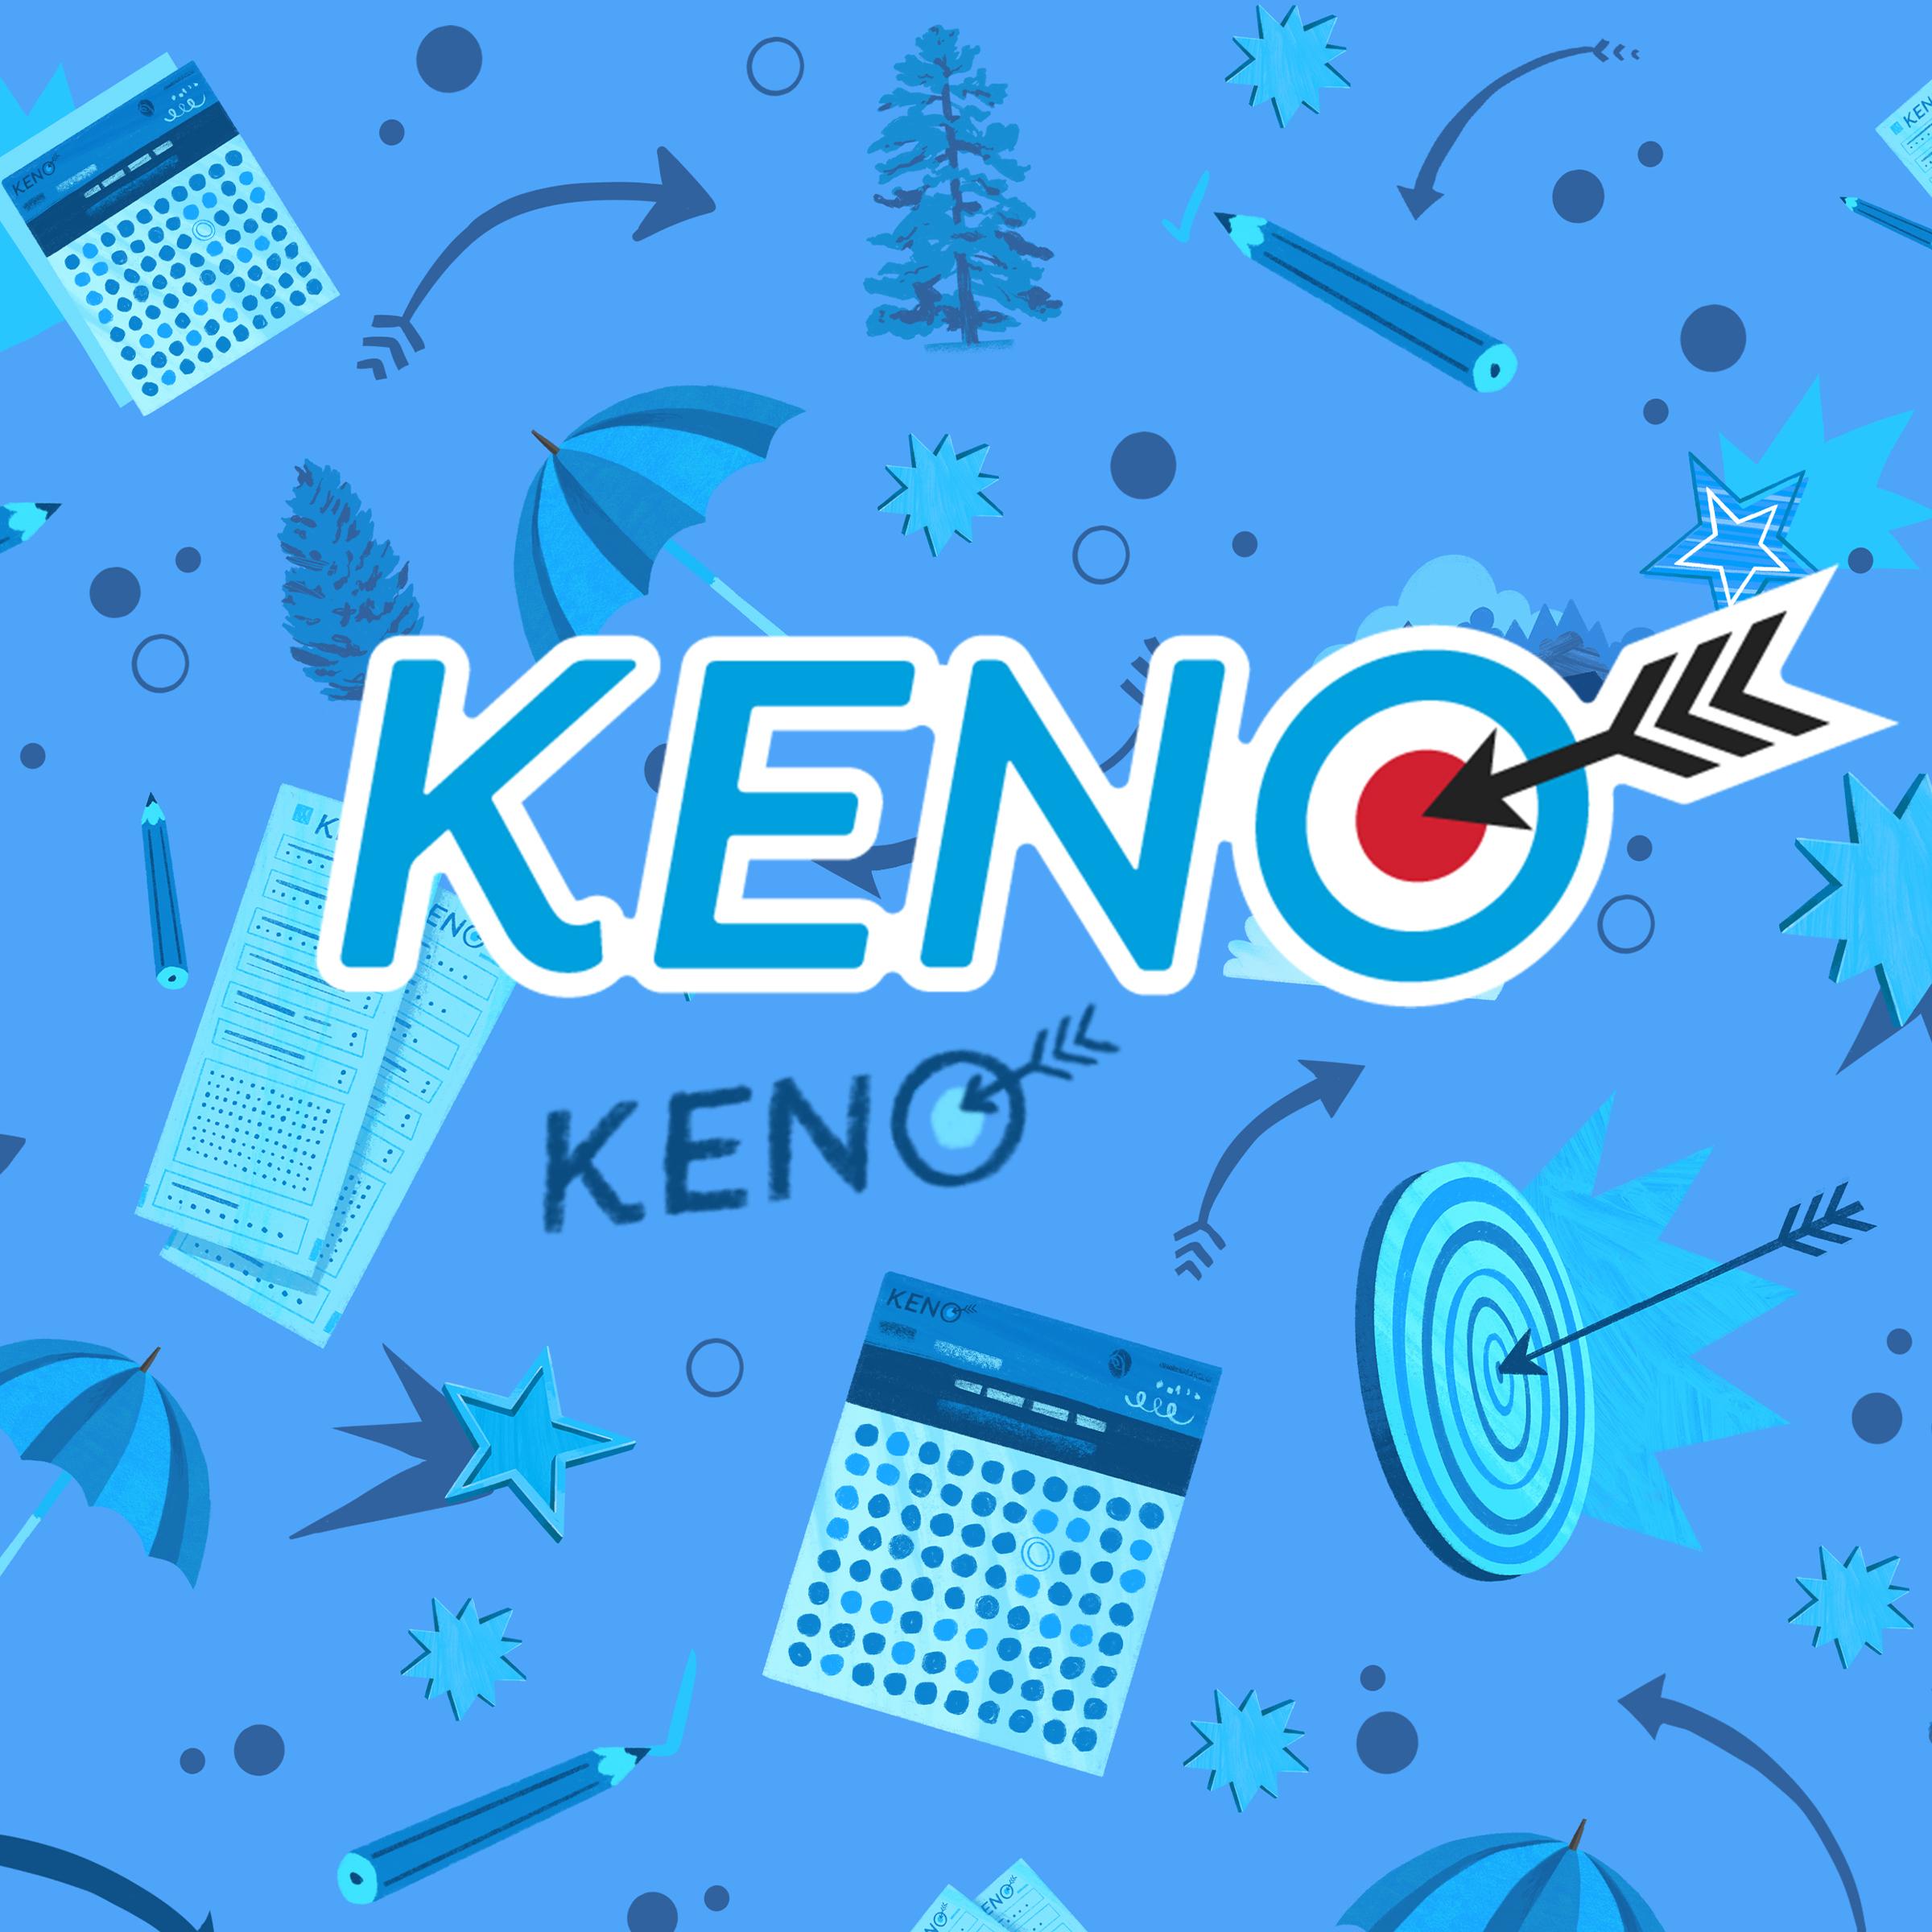 Contact kenosha news